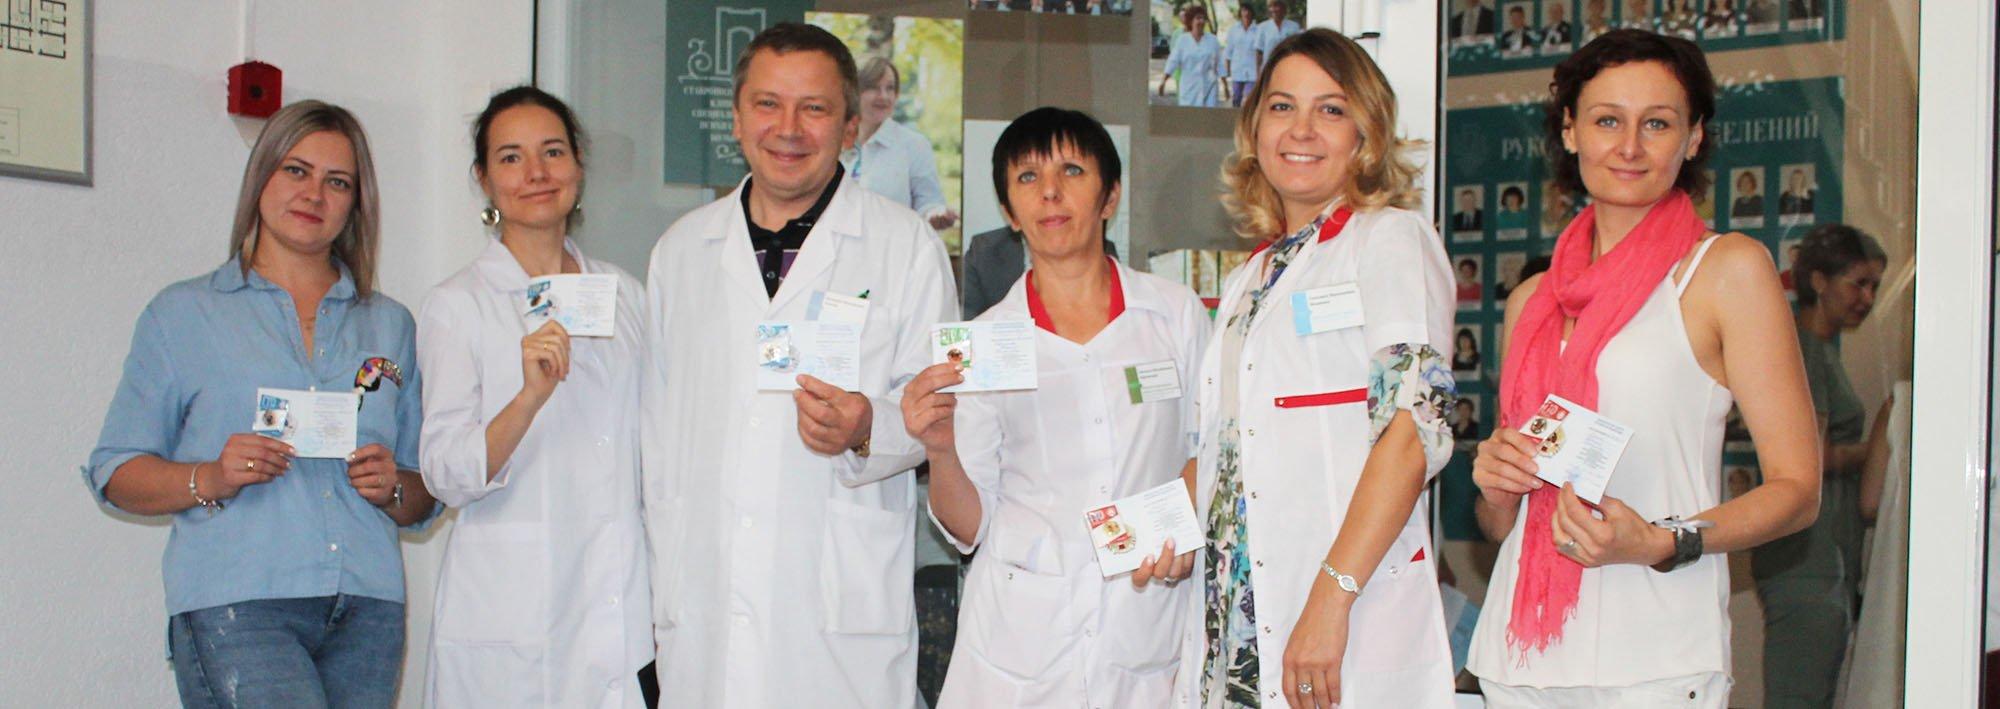 Специалистам больницы торжественно вручили значки ГТО